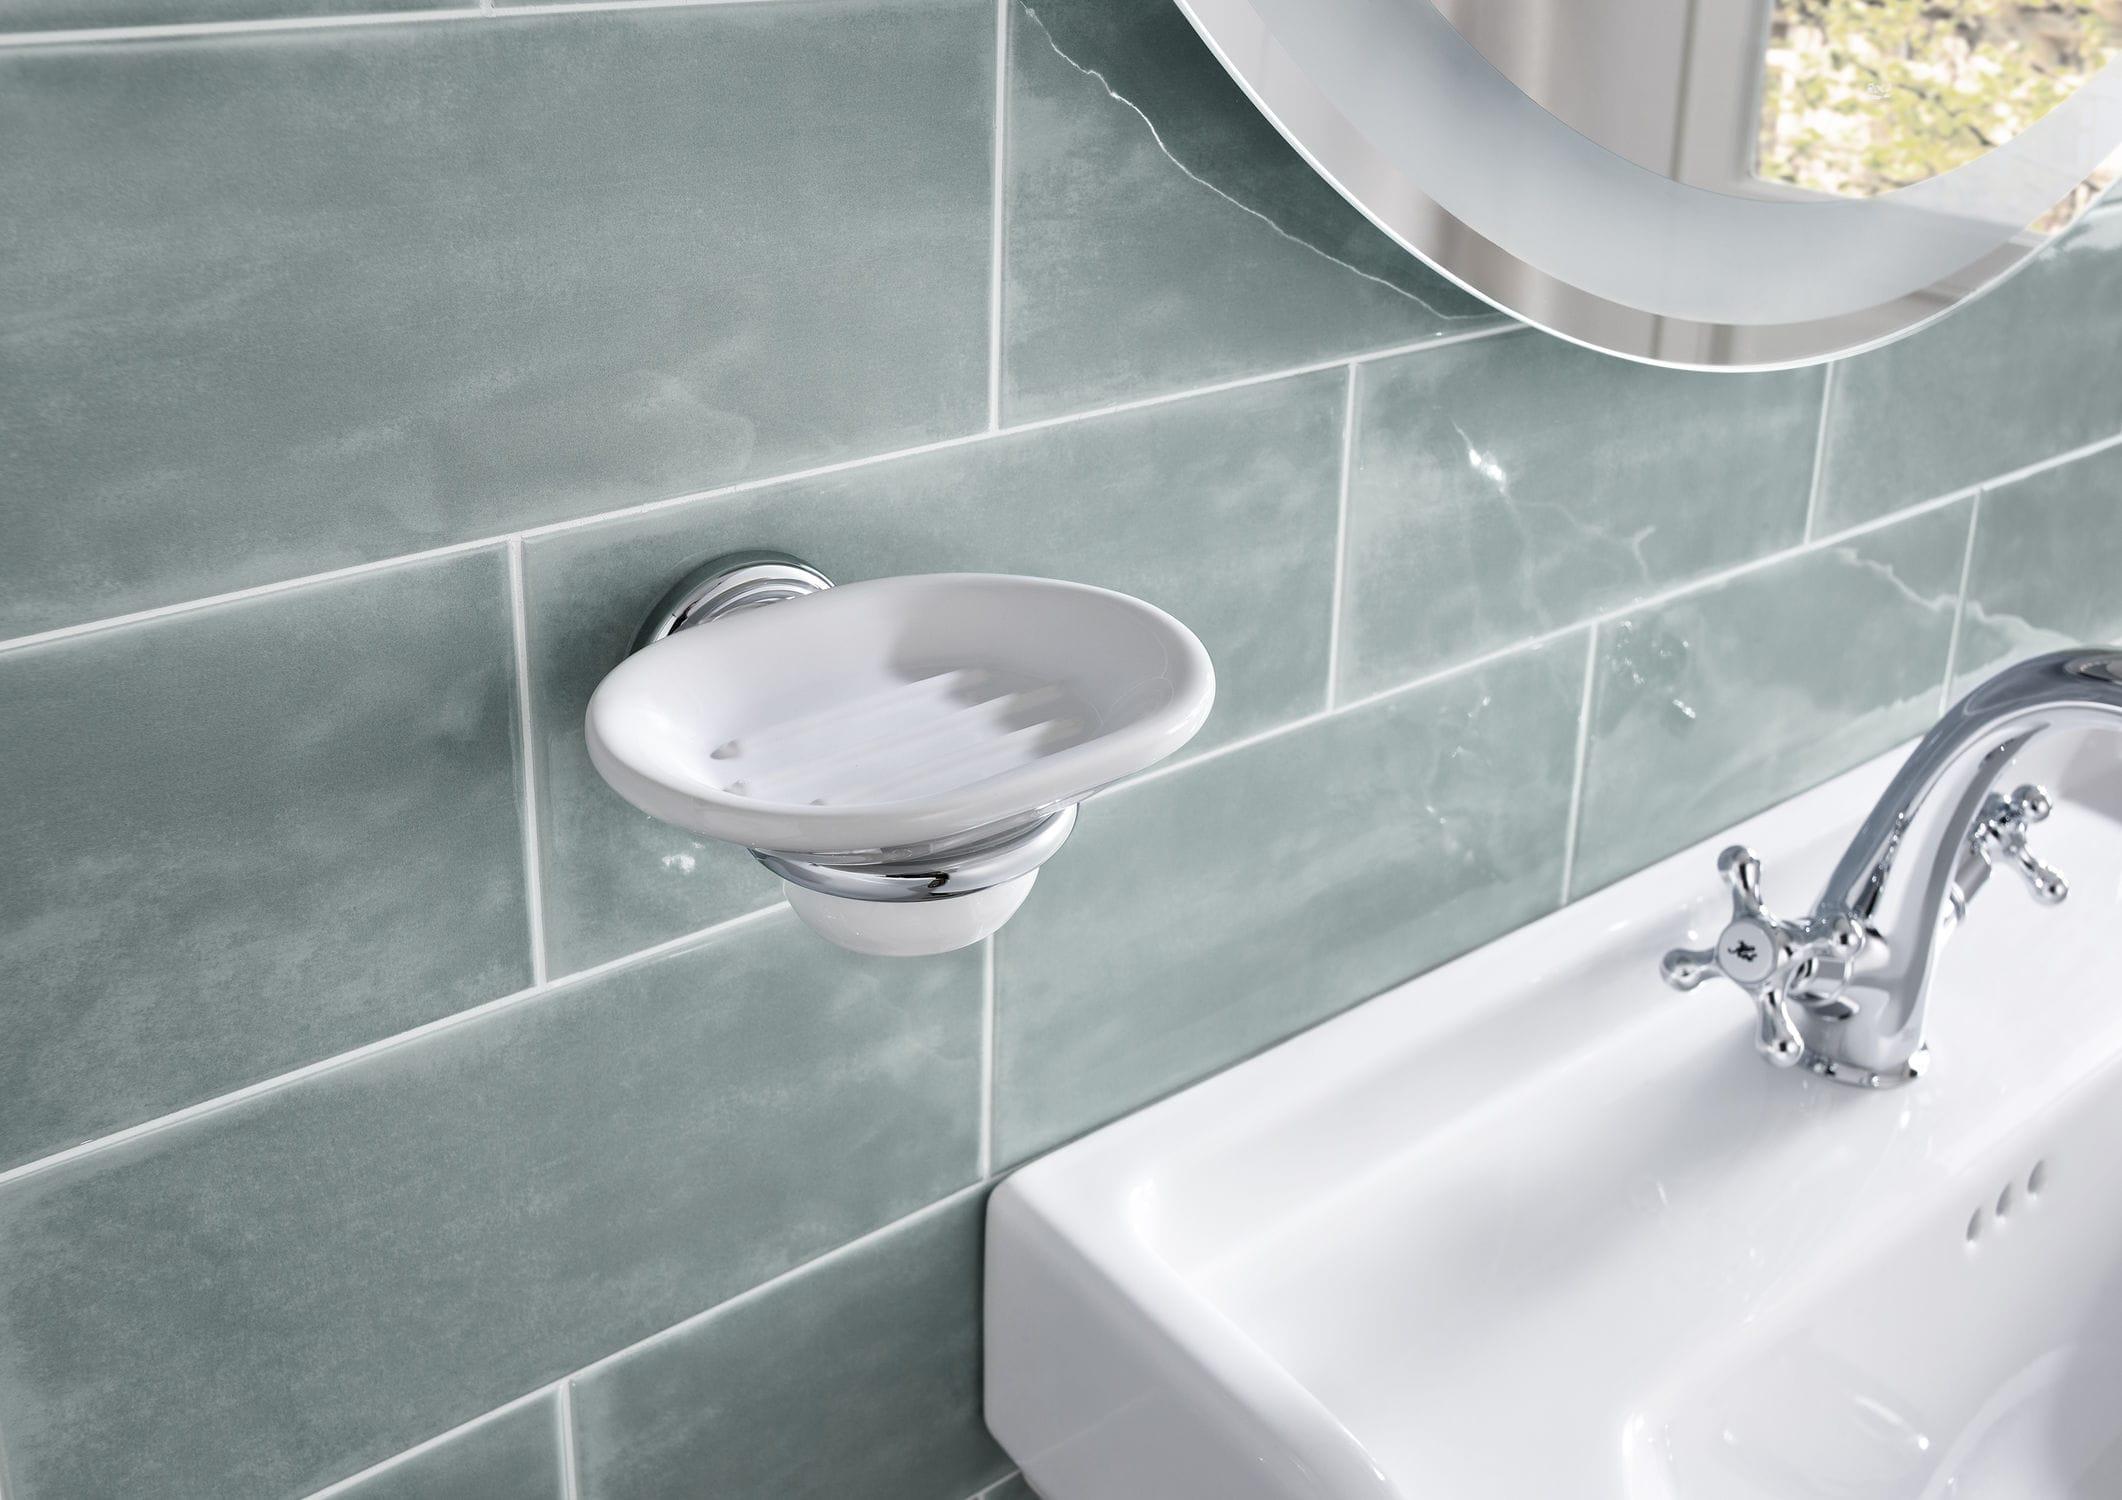 Vasca Da Bagno Roca Prezzi : Portasapone da parete in metallo in ceramica carmen roca